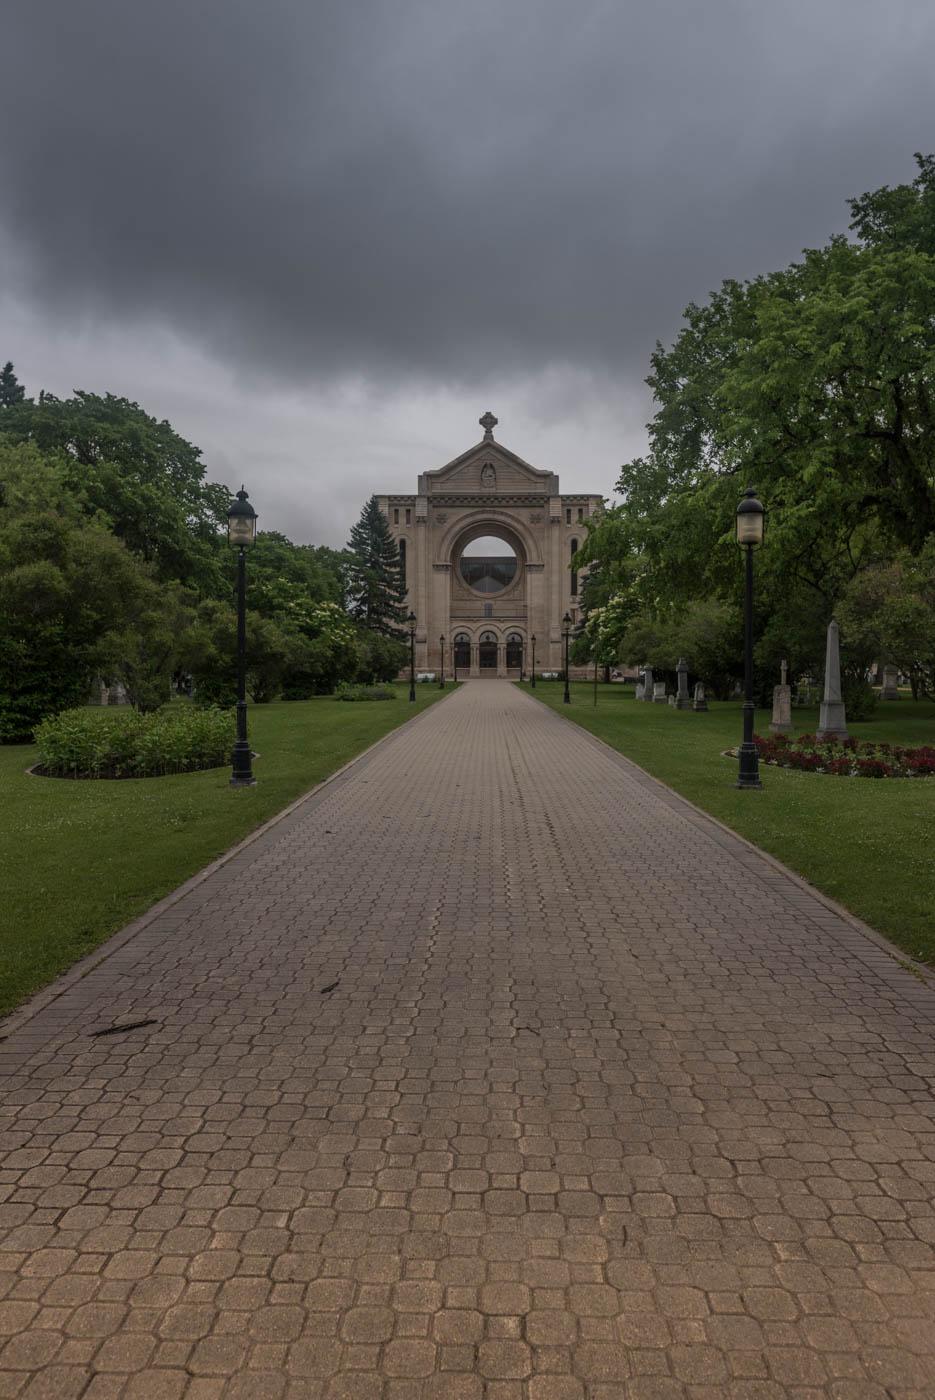 Cathedrale of Saint Boniface